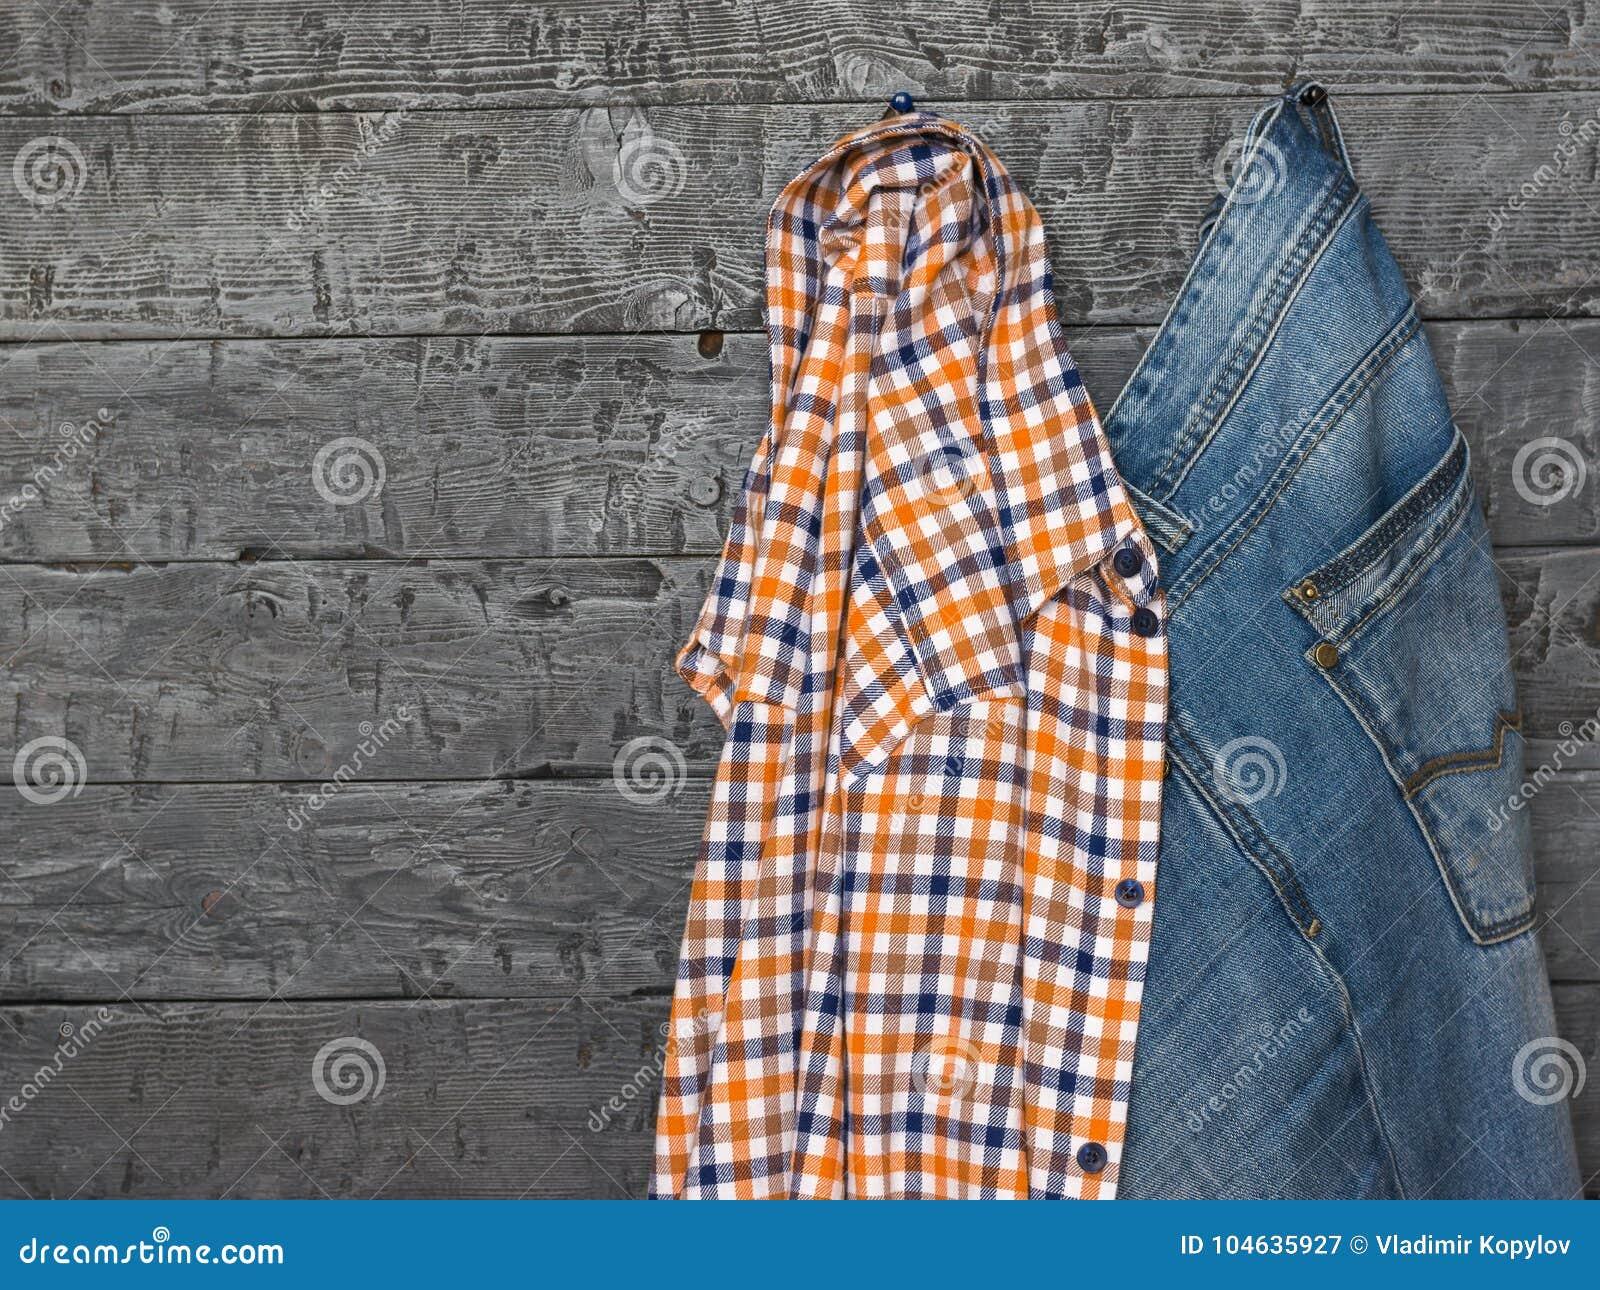 Download Geruite Overhemd En Jeans Op Uitstekende Houten Muur Stock Afbeelding - Afbeelding bestaande uit samenvatting, zaken: 104635927